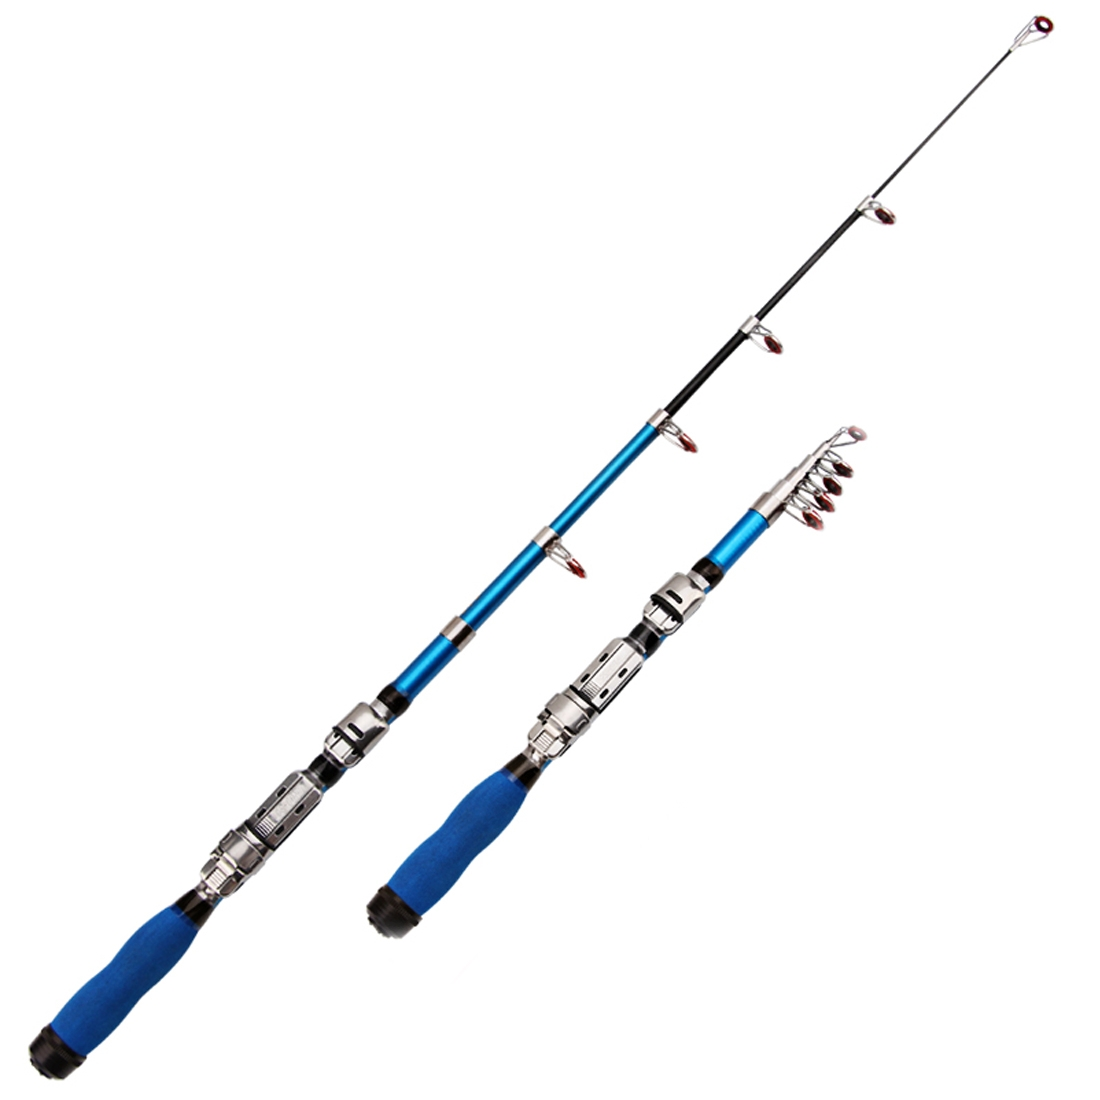 32cm portable telescopic sea fishing rod mini fishing pole extended